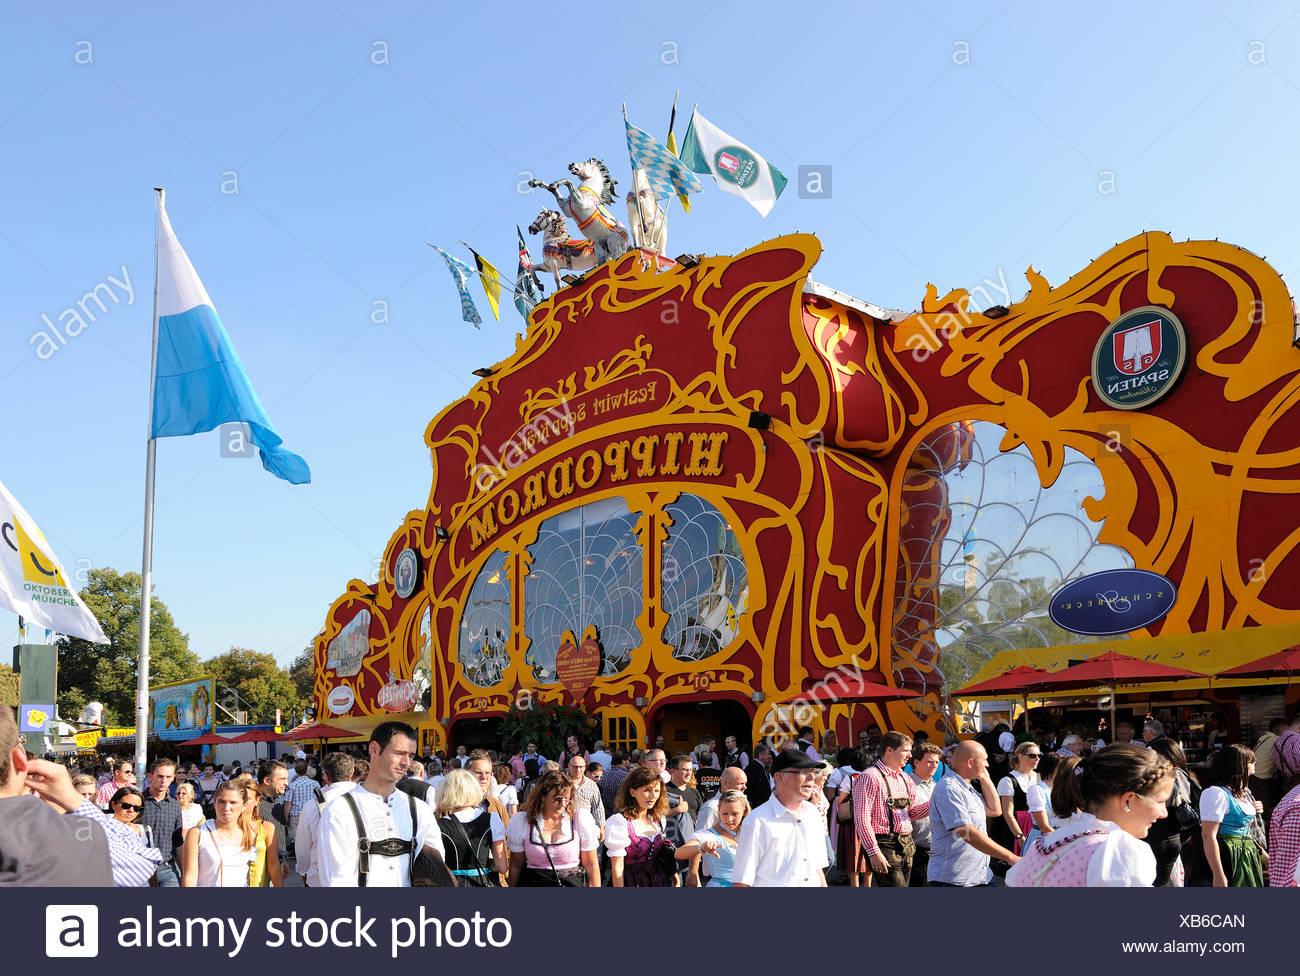 Hippodrome, Spatenbrauerei, Spaten brewery beer hall, Oktoberfest, Munich, Bavaria - Stock Image